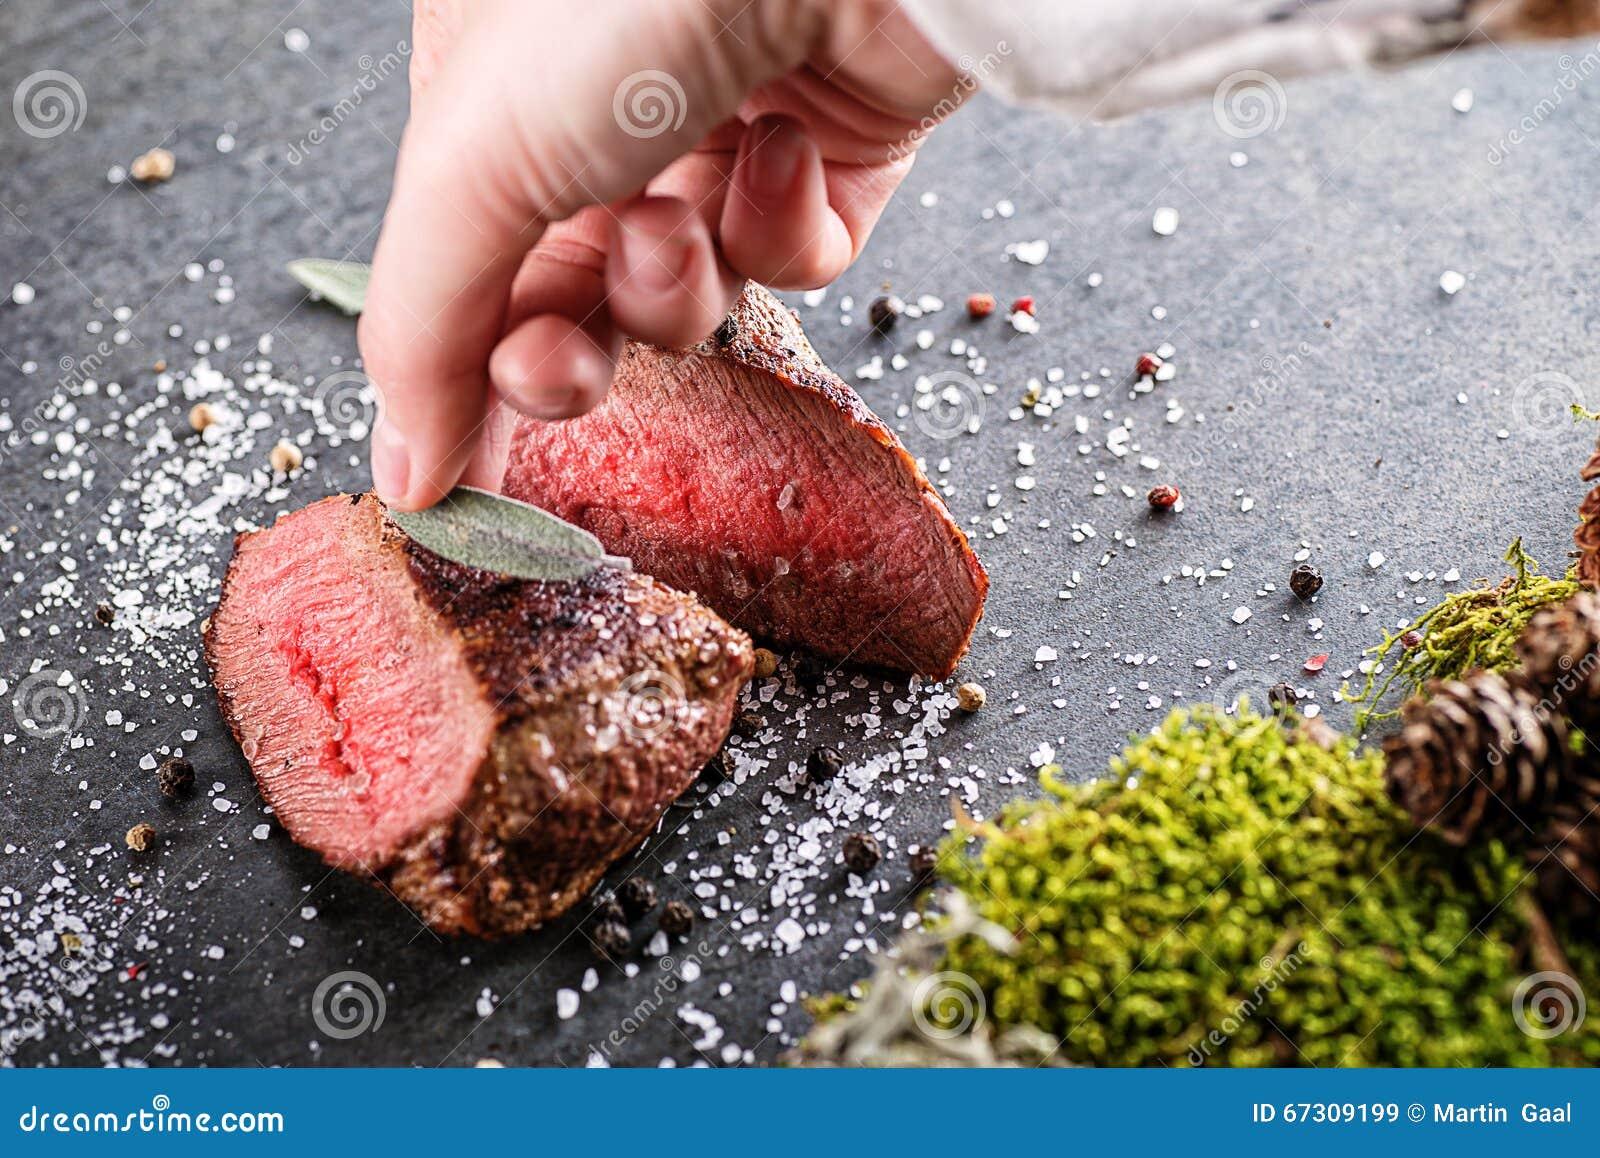 Стейк оленей или оленины с ингридиентами любит соль моря, травы и шеф-повар перца и руки, предпосылка еды для ресторана или lo зв